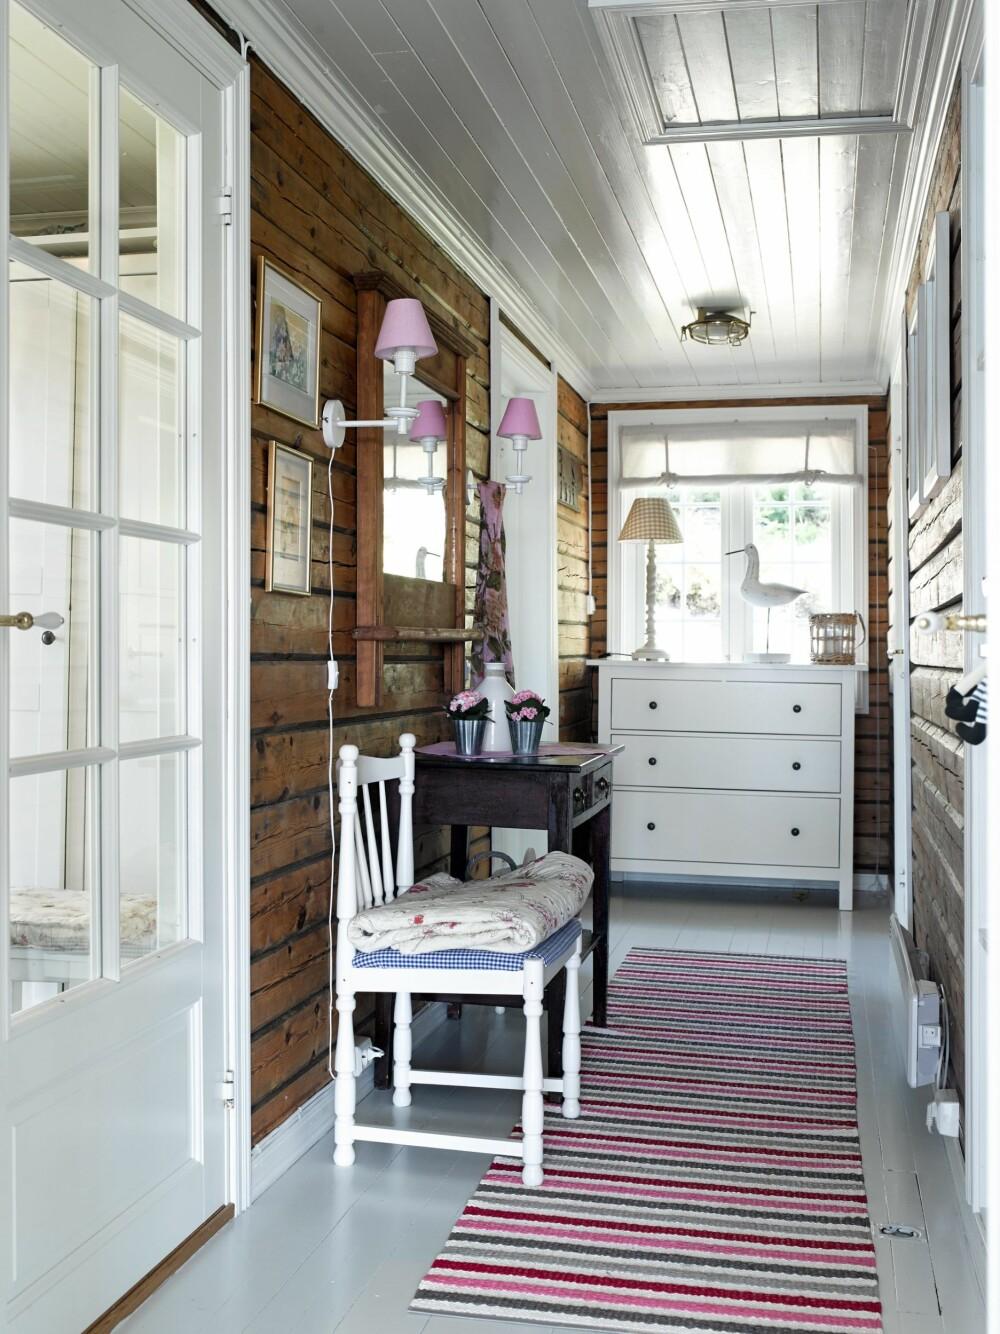 TØMMERET BEVART: I gangen er de originale tømmerveggene fra stabburet hentet frem. Lyse farger ellers fremhever veggene og gjør rommet lyst og trivelig.